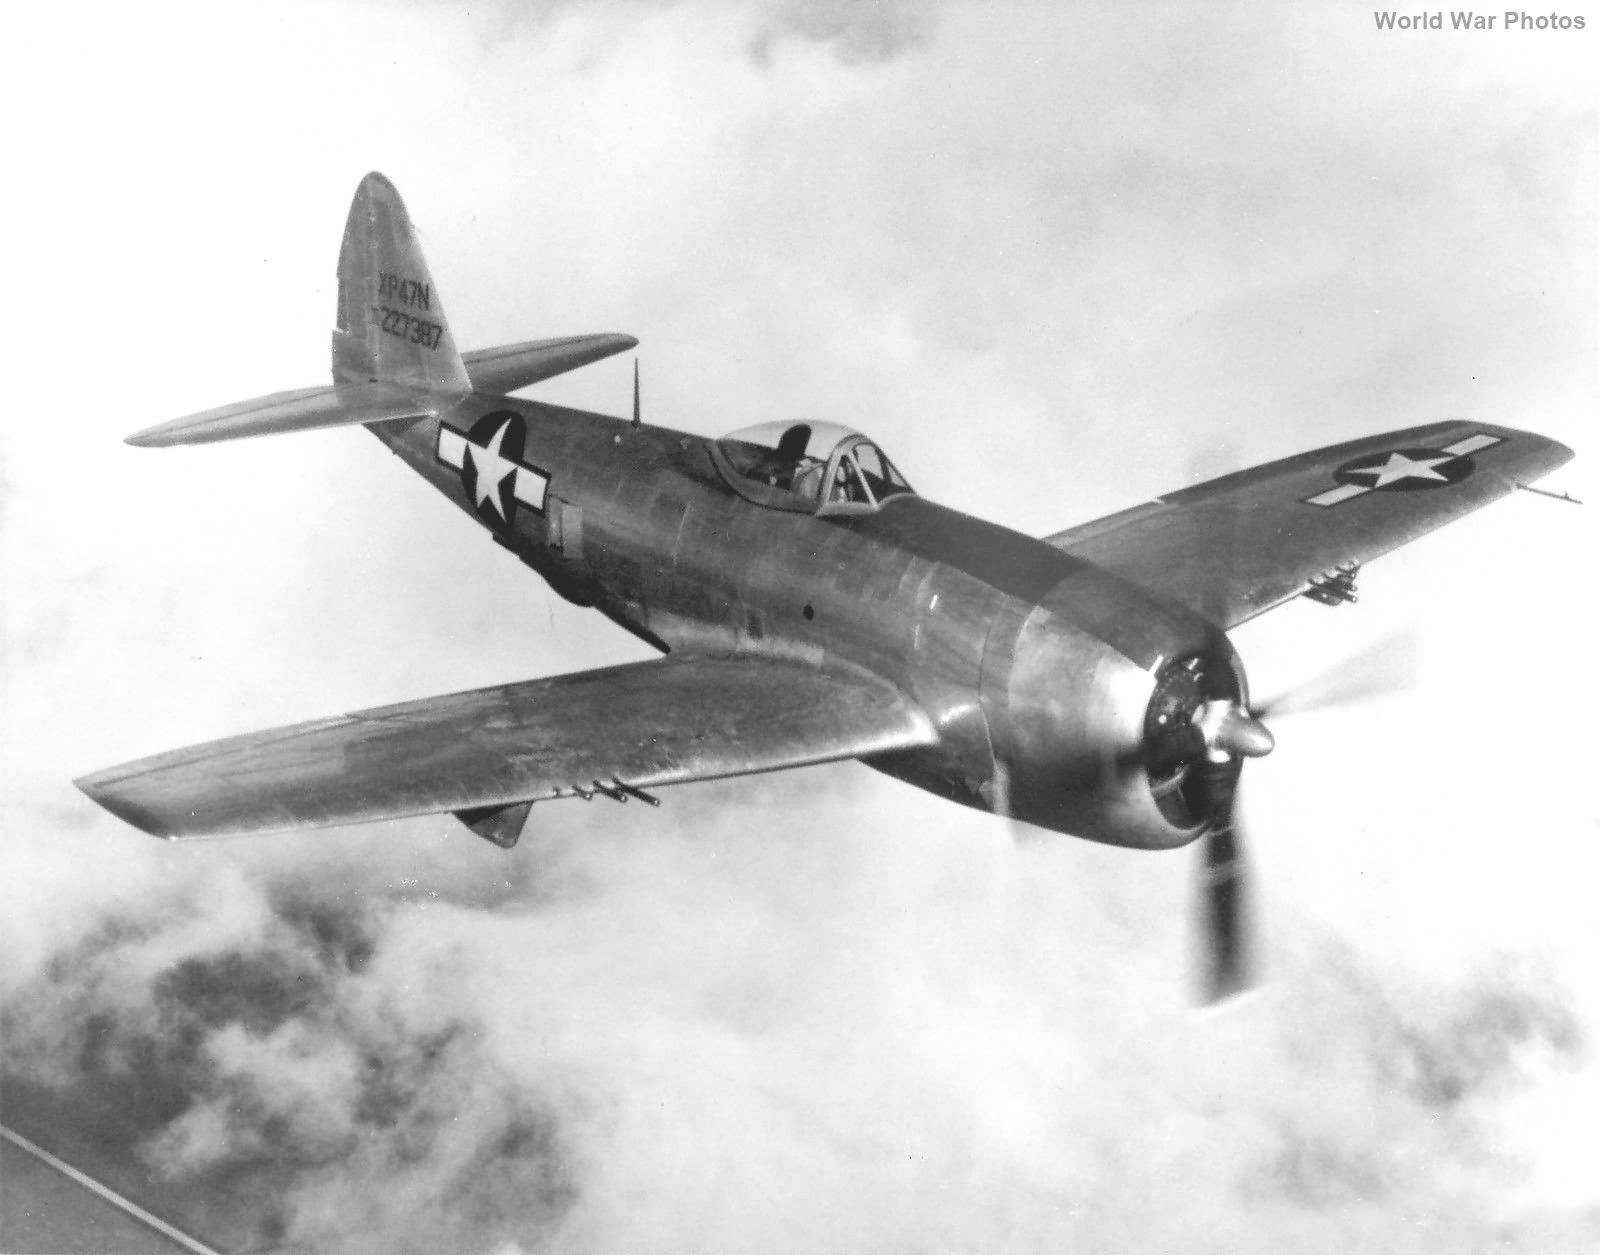 XP-47N 42-27387